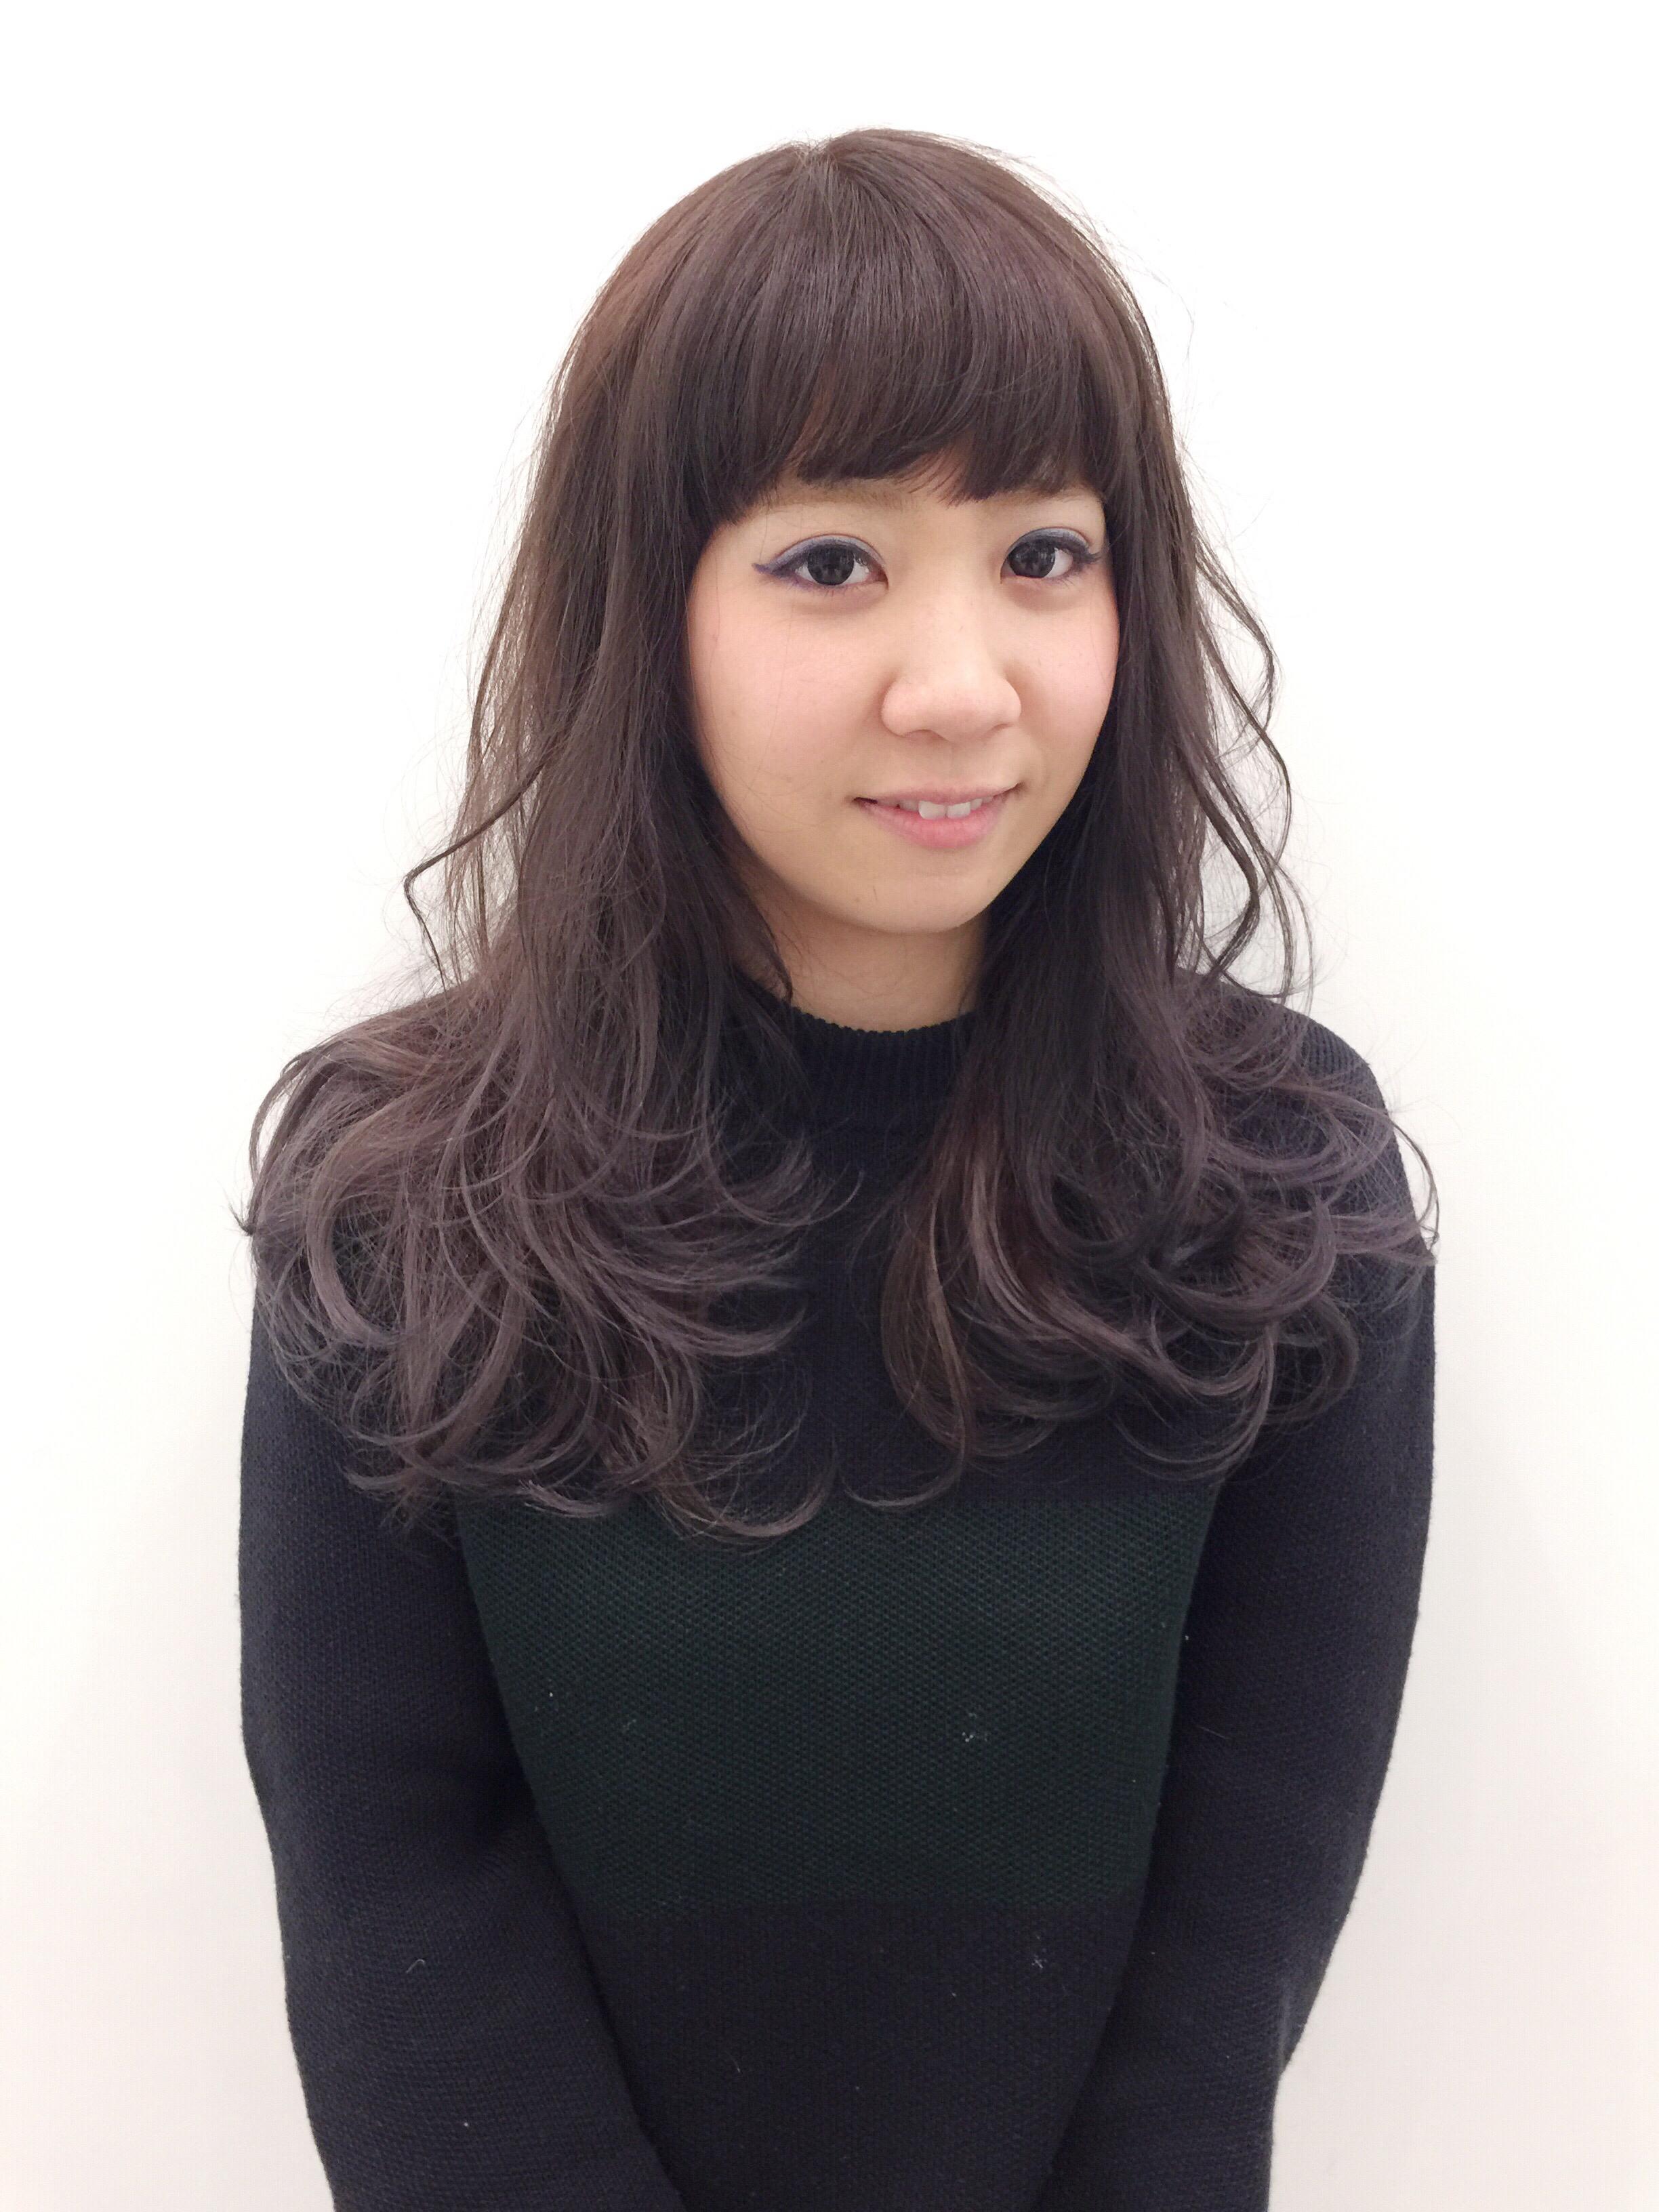 ドキュメント of たさきあい 2014 ラスト